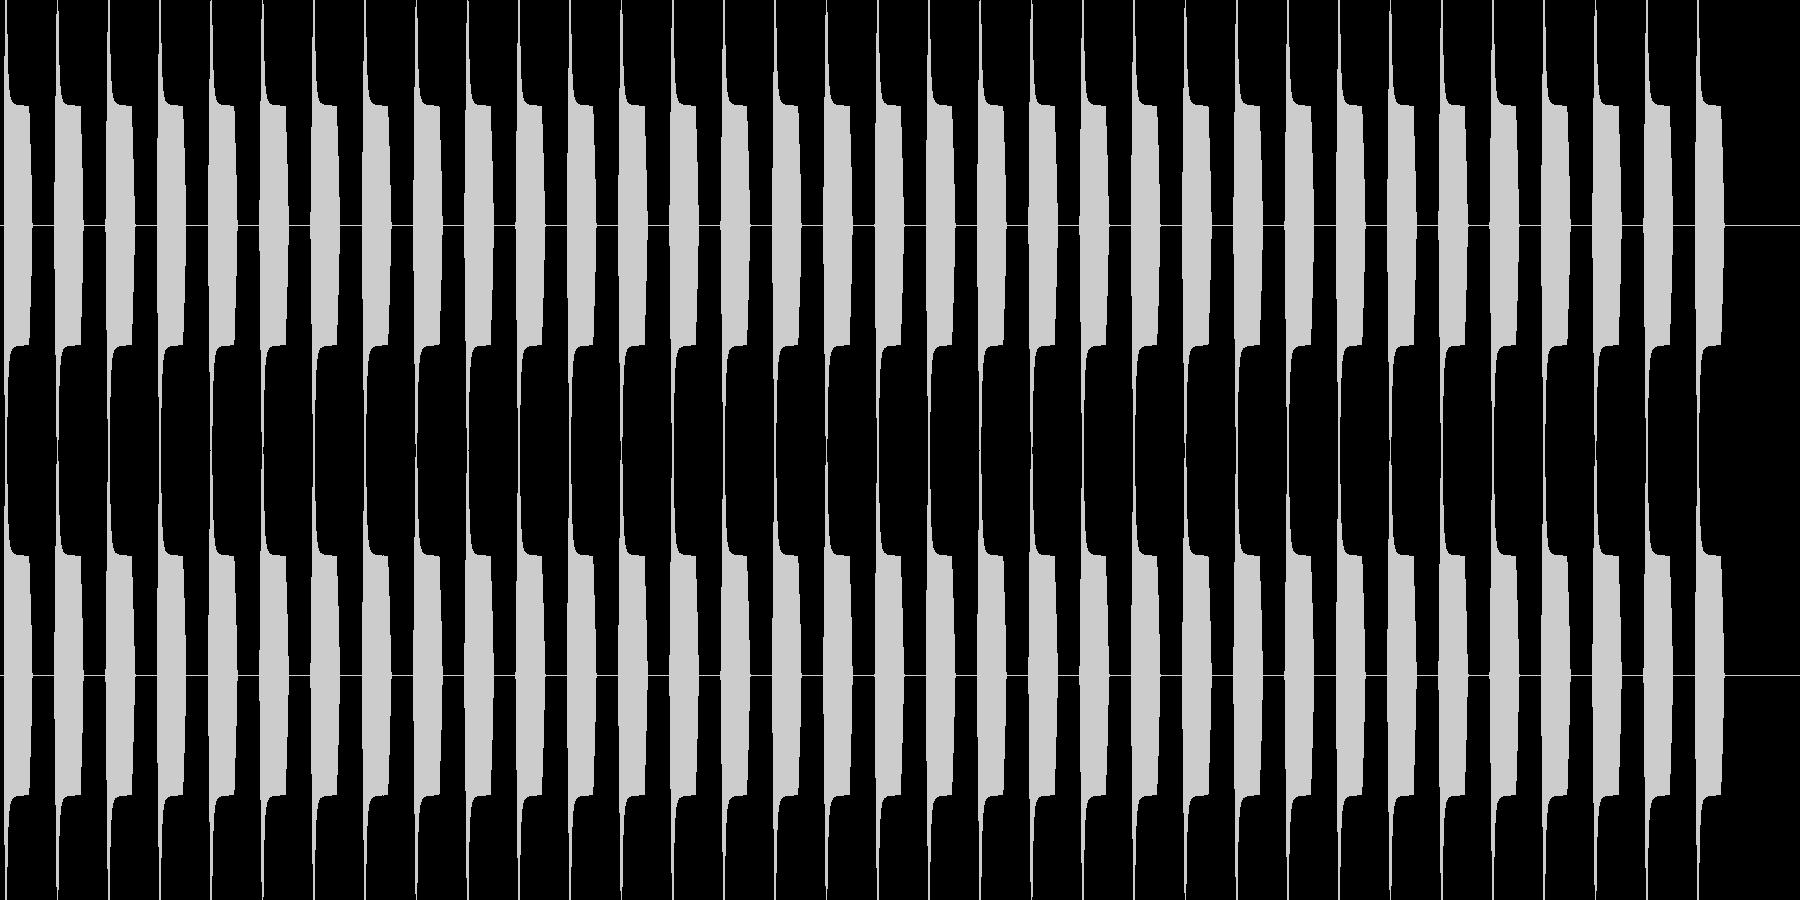 ブーブー な警告音 緊急連絡 アラーム3の未再生の波形